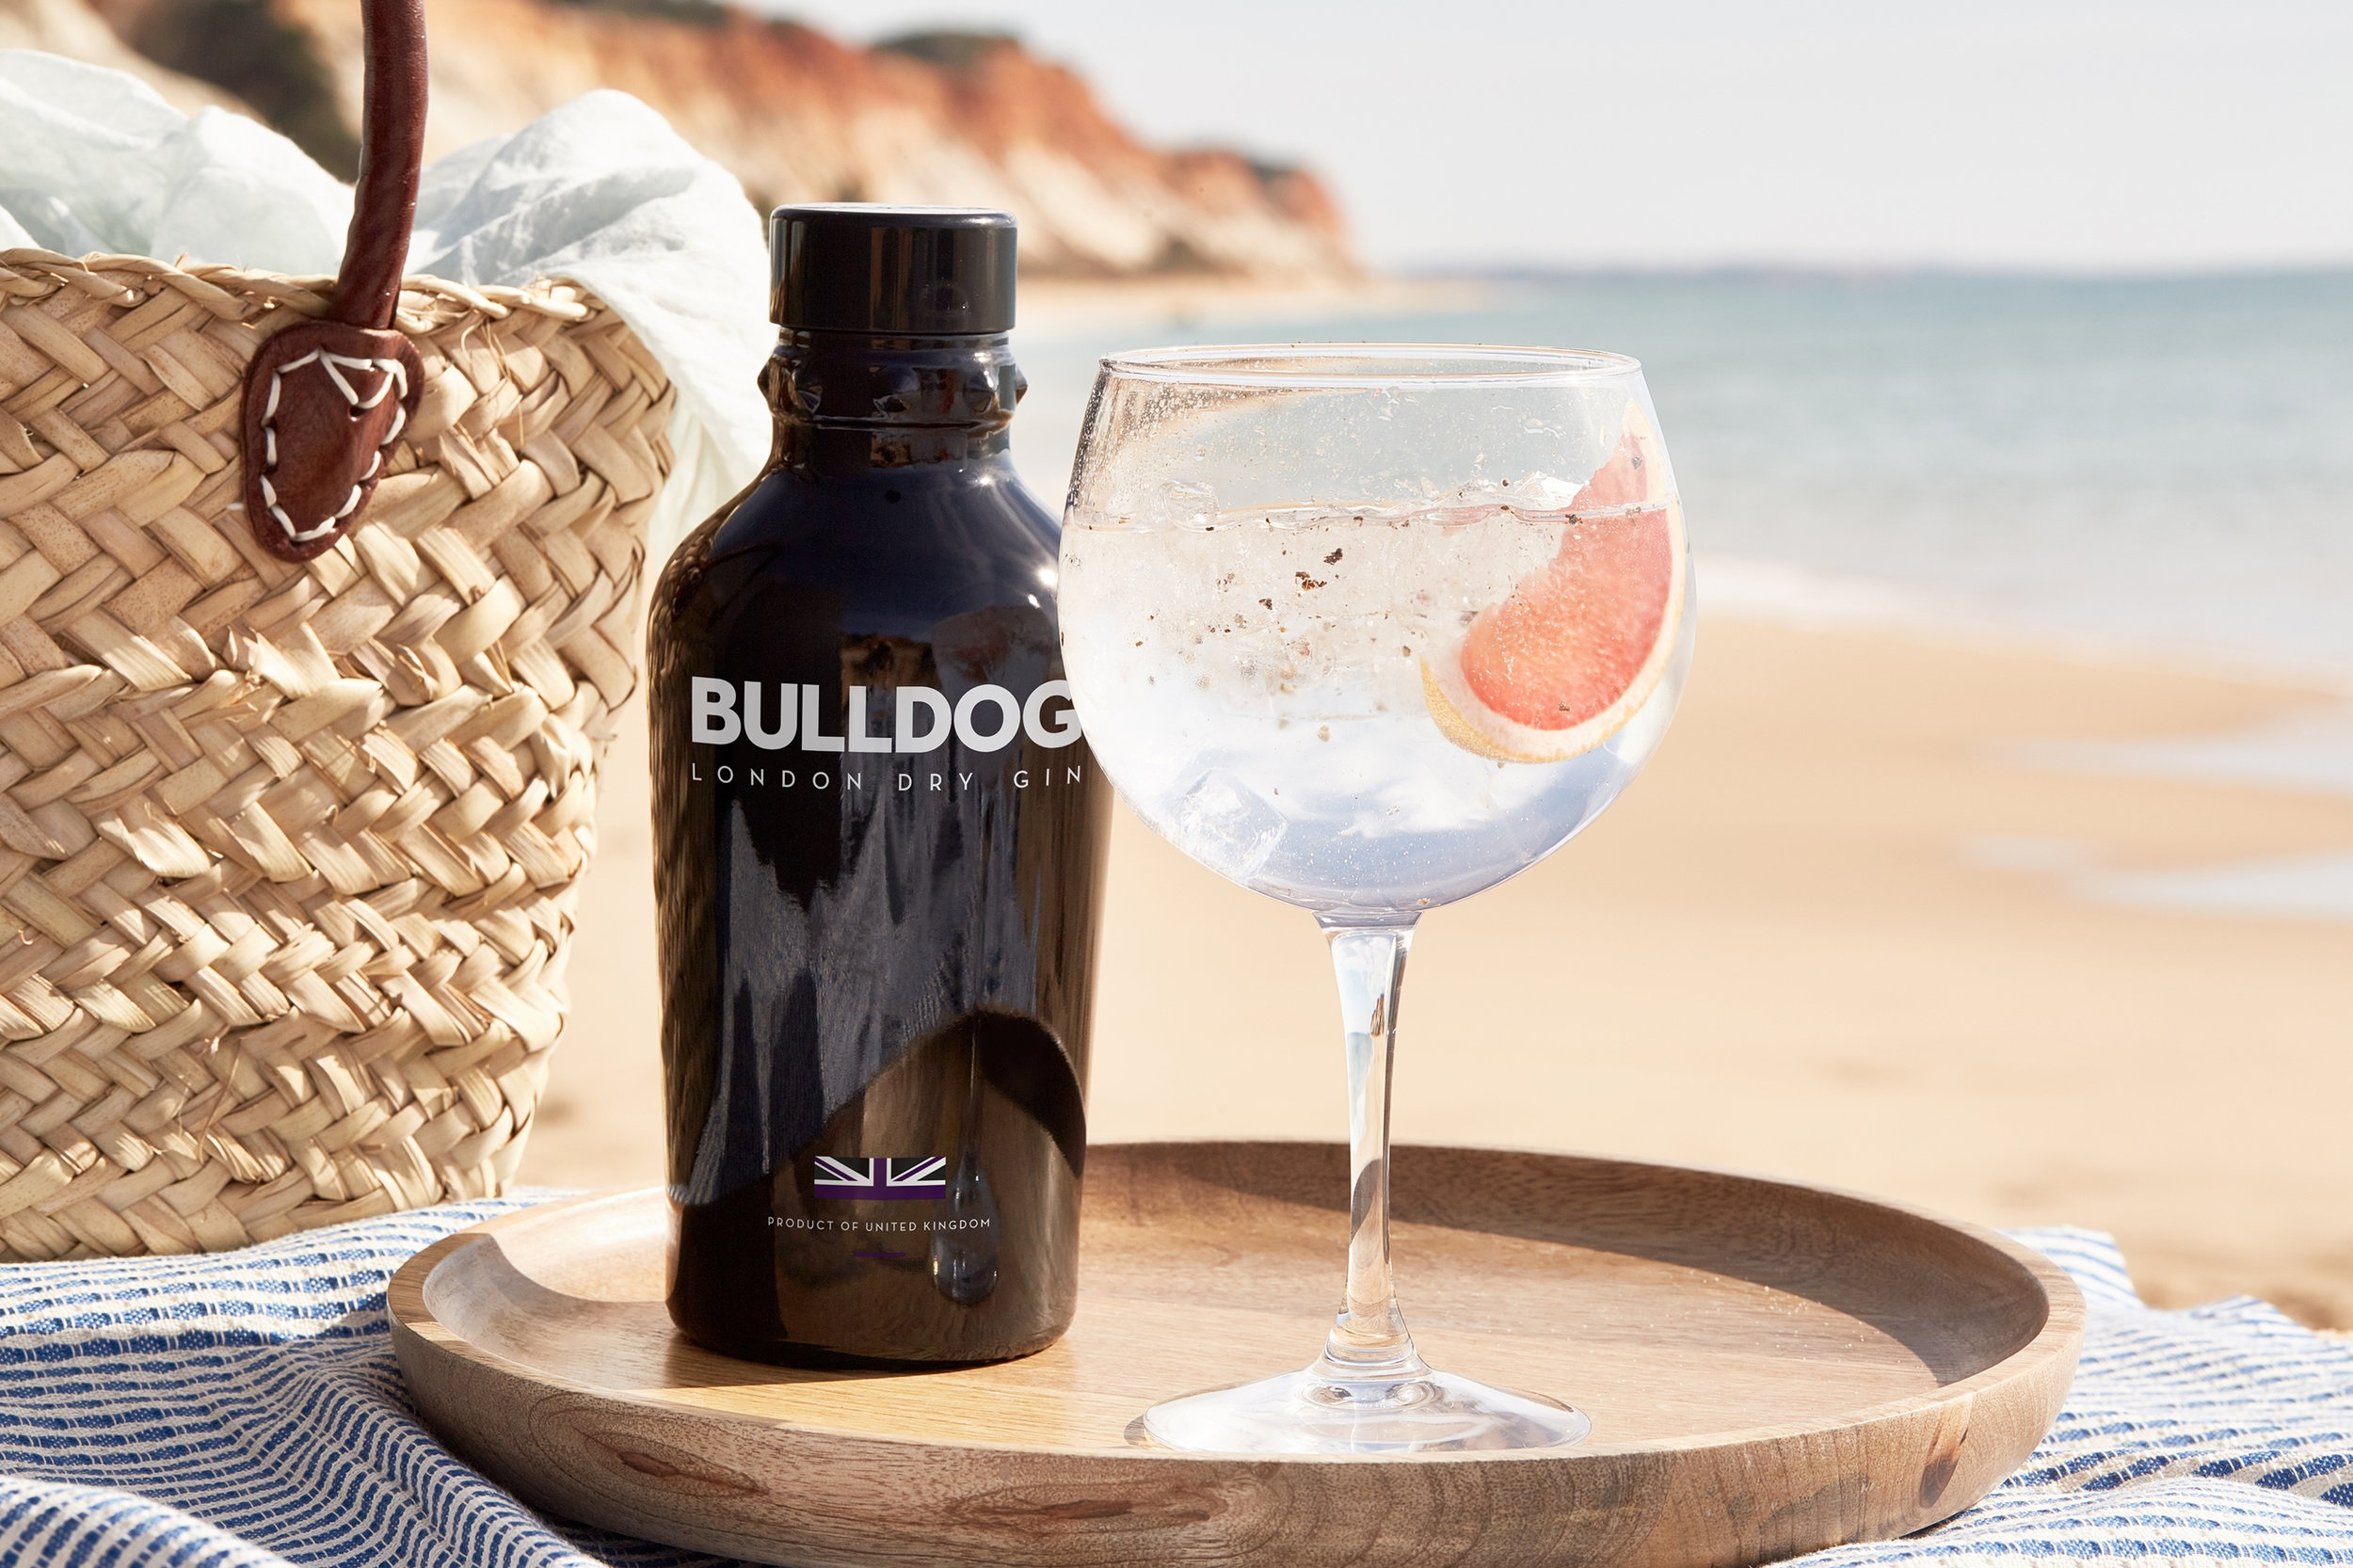 Bulldog+Gin_Beach_0457.jpg